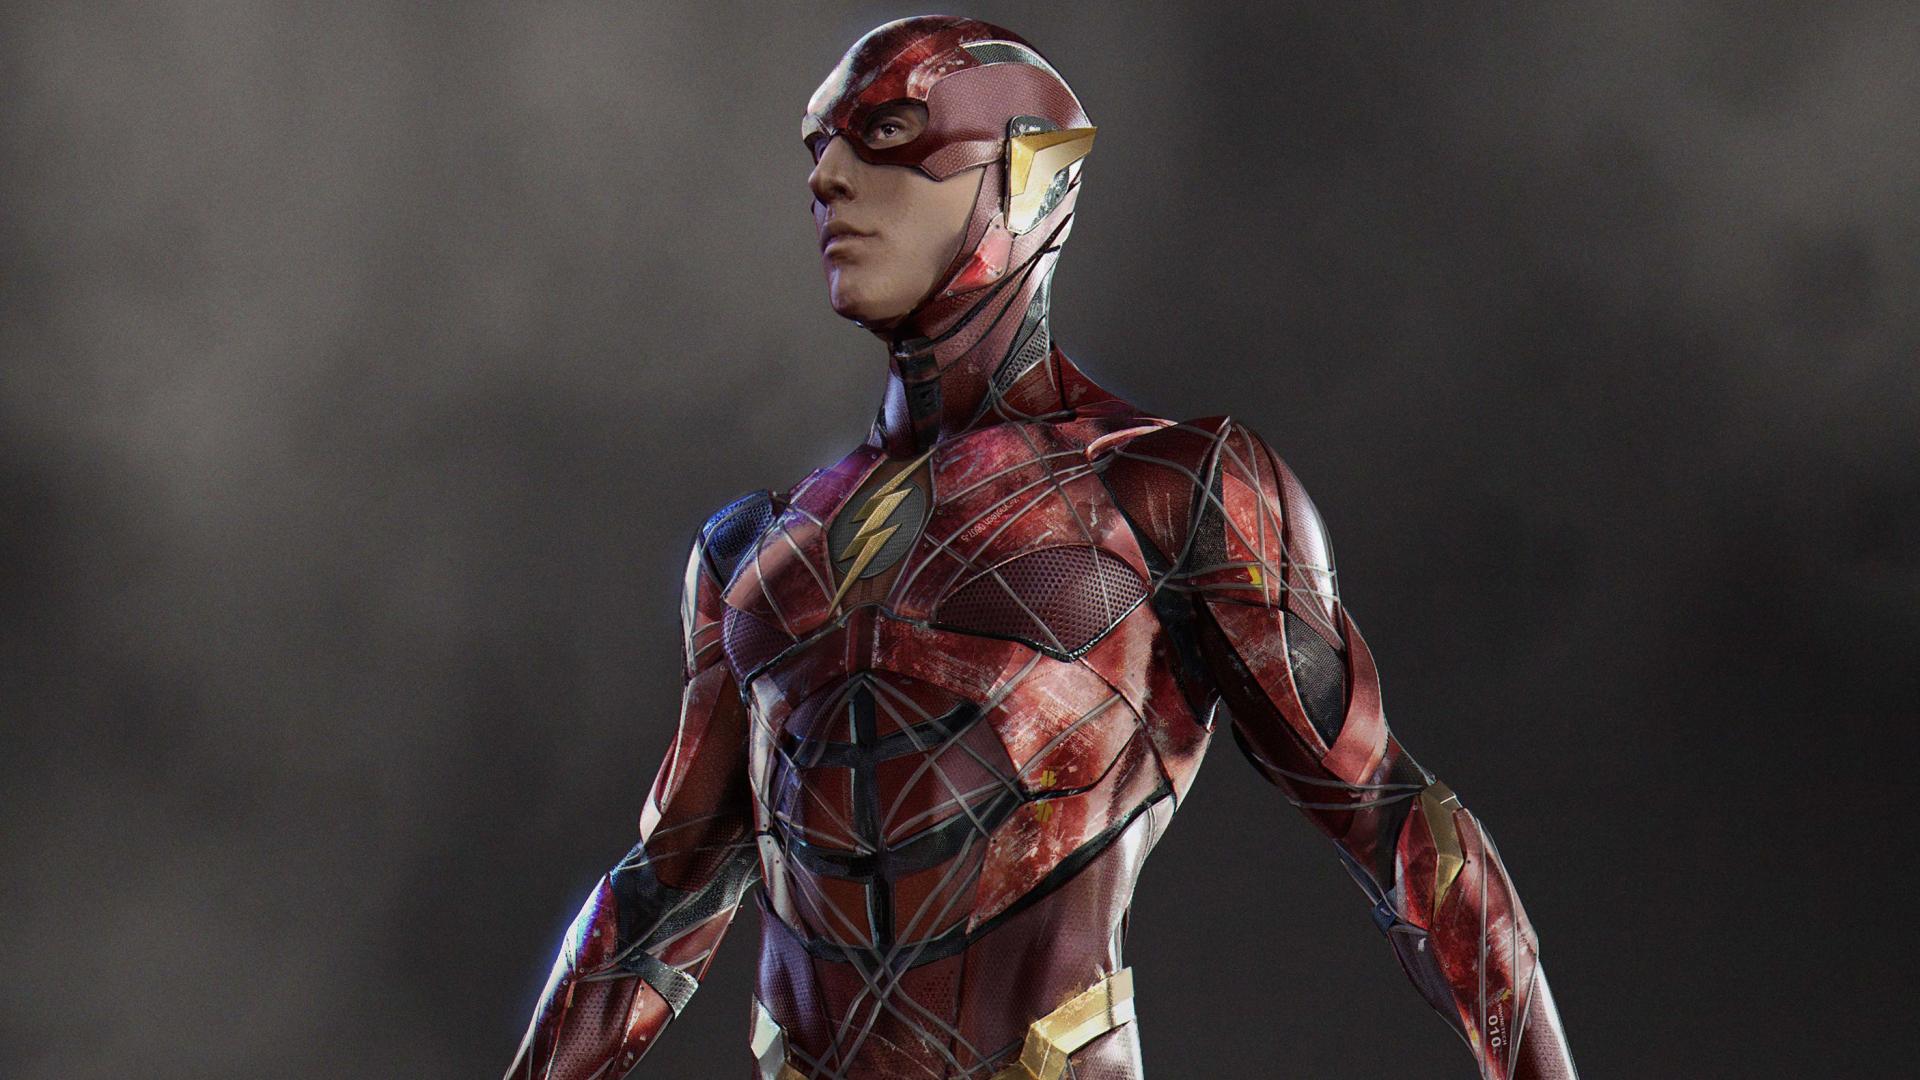 Justice league flash concept art full hd 2k wallpaper - Flash wallpaper hd 1080p ...